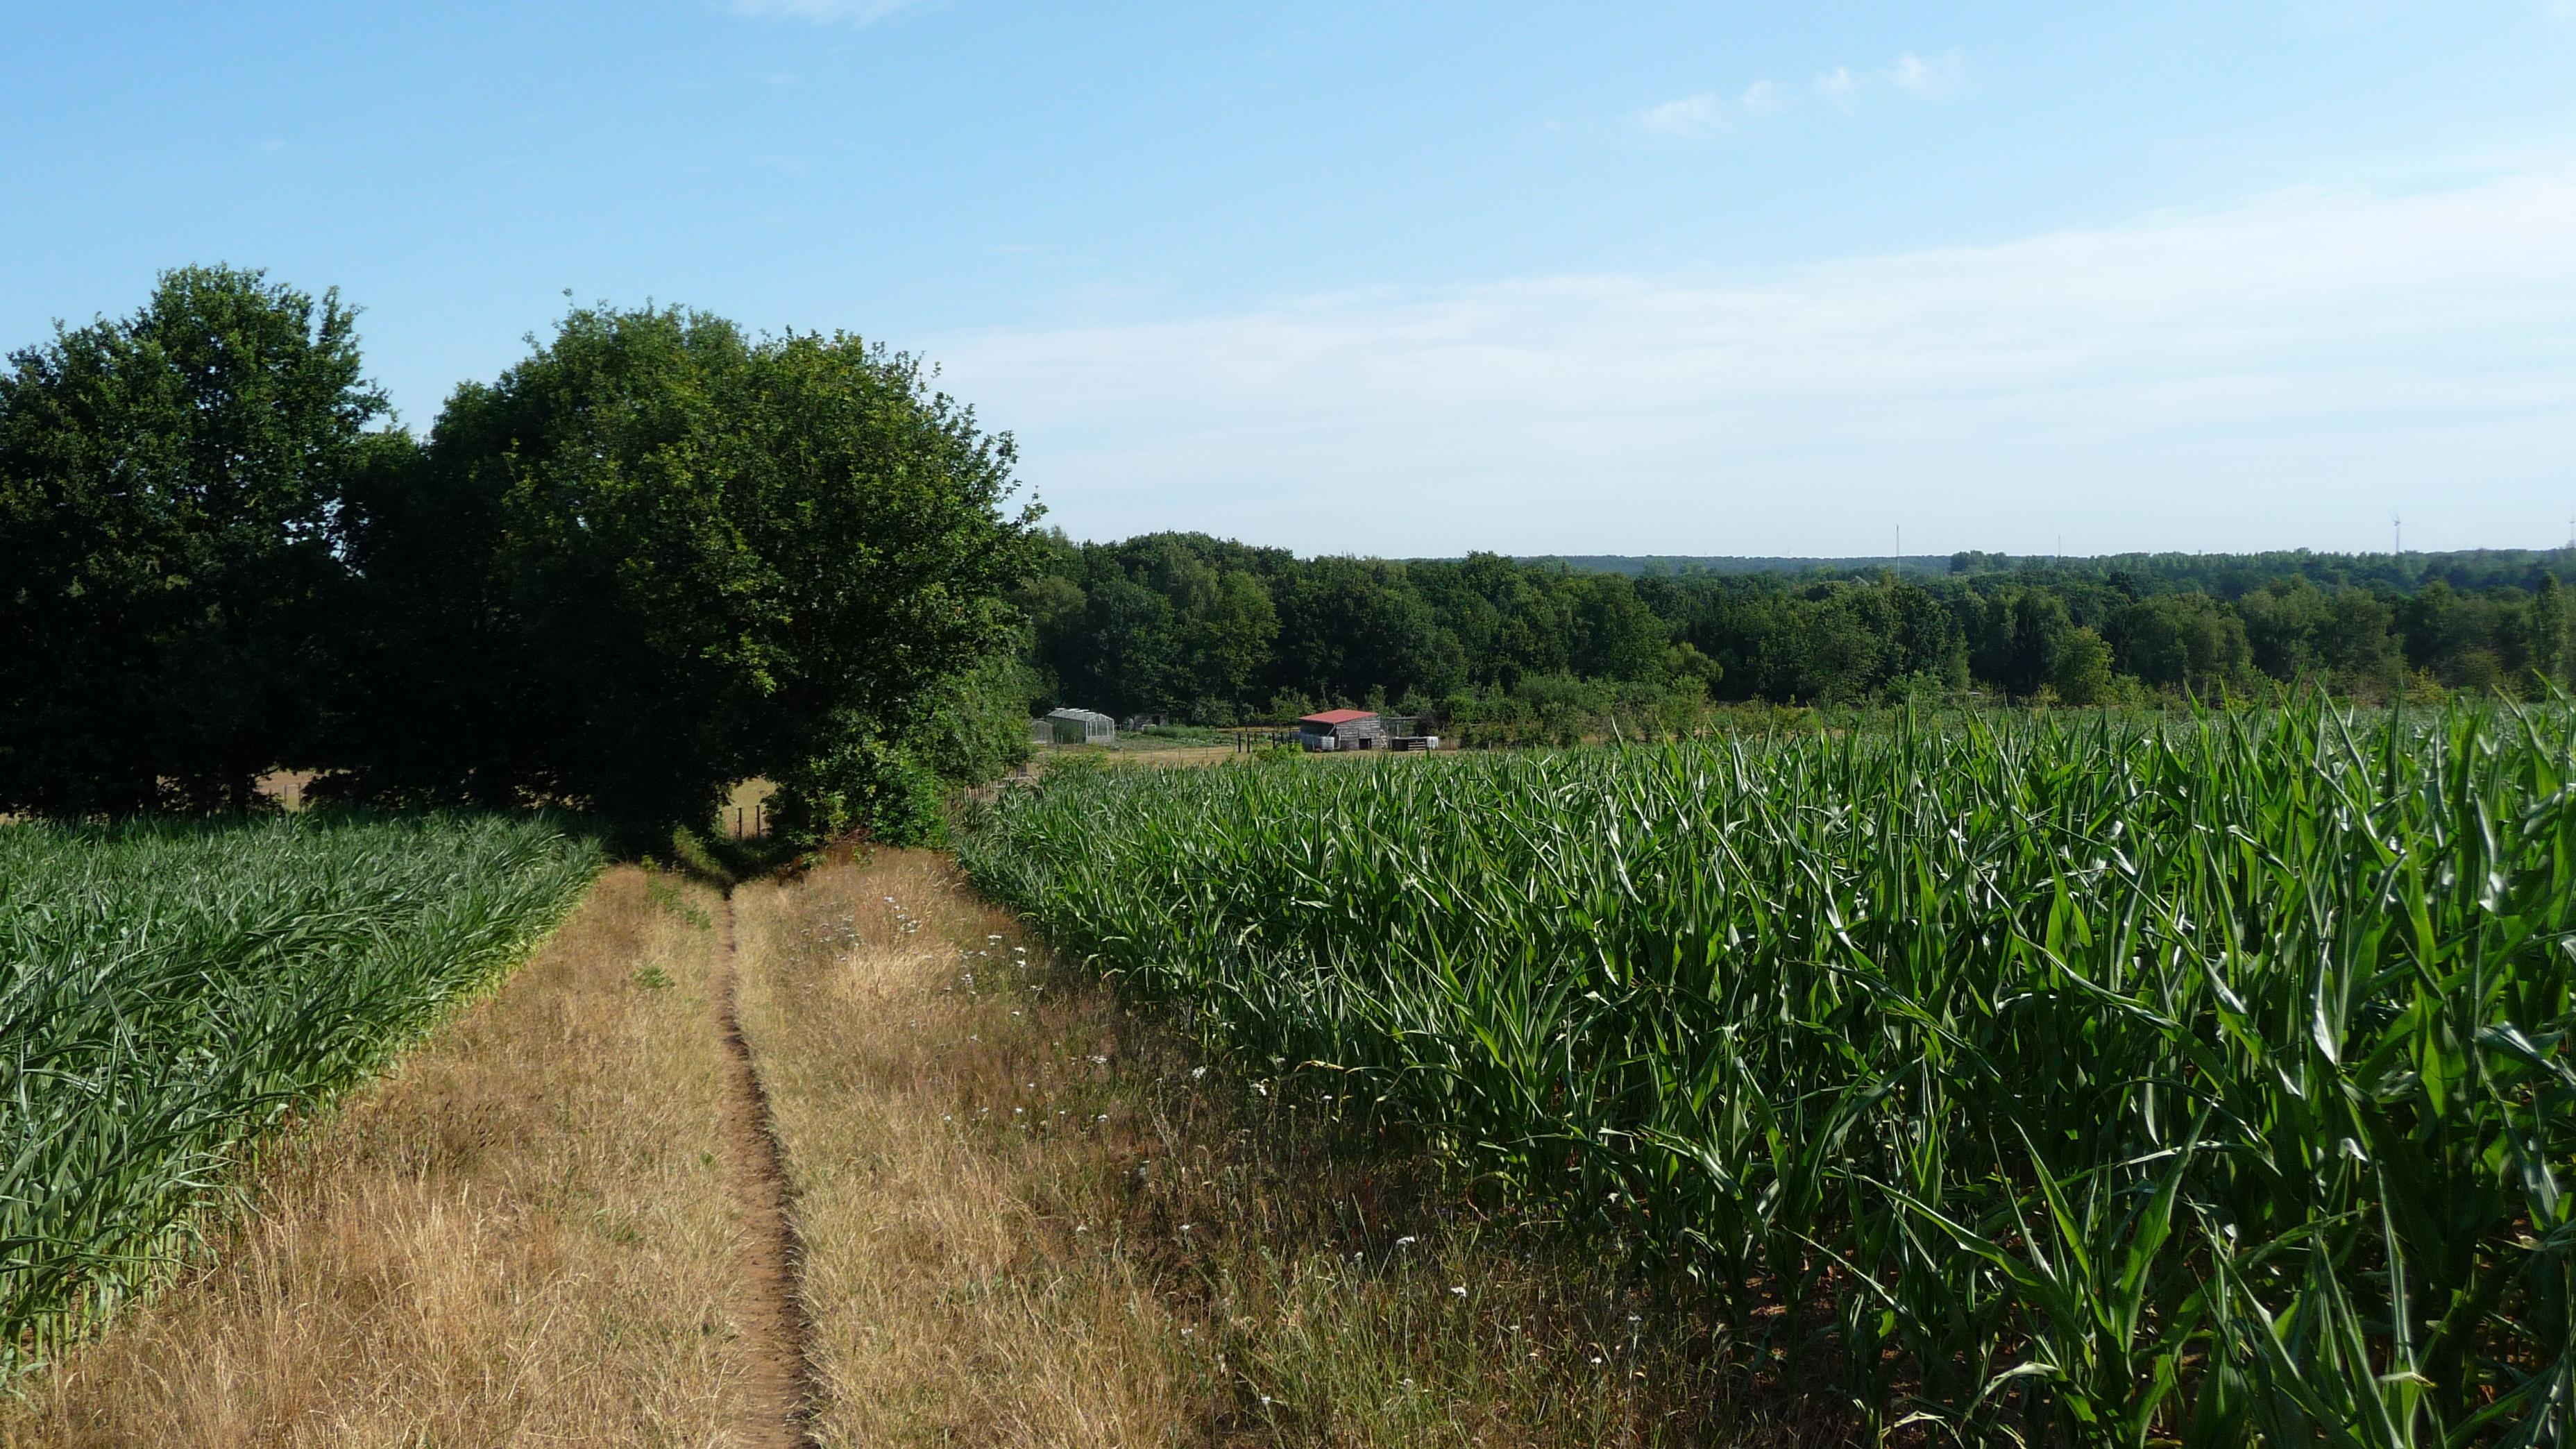 Maize fields near Diest